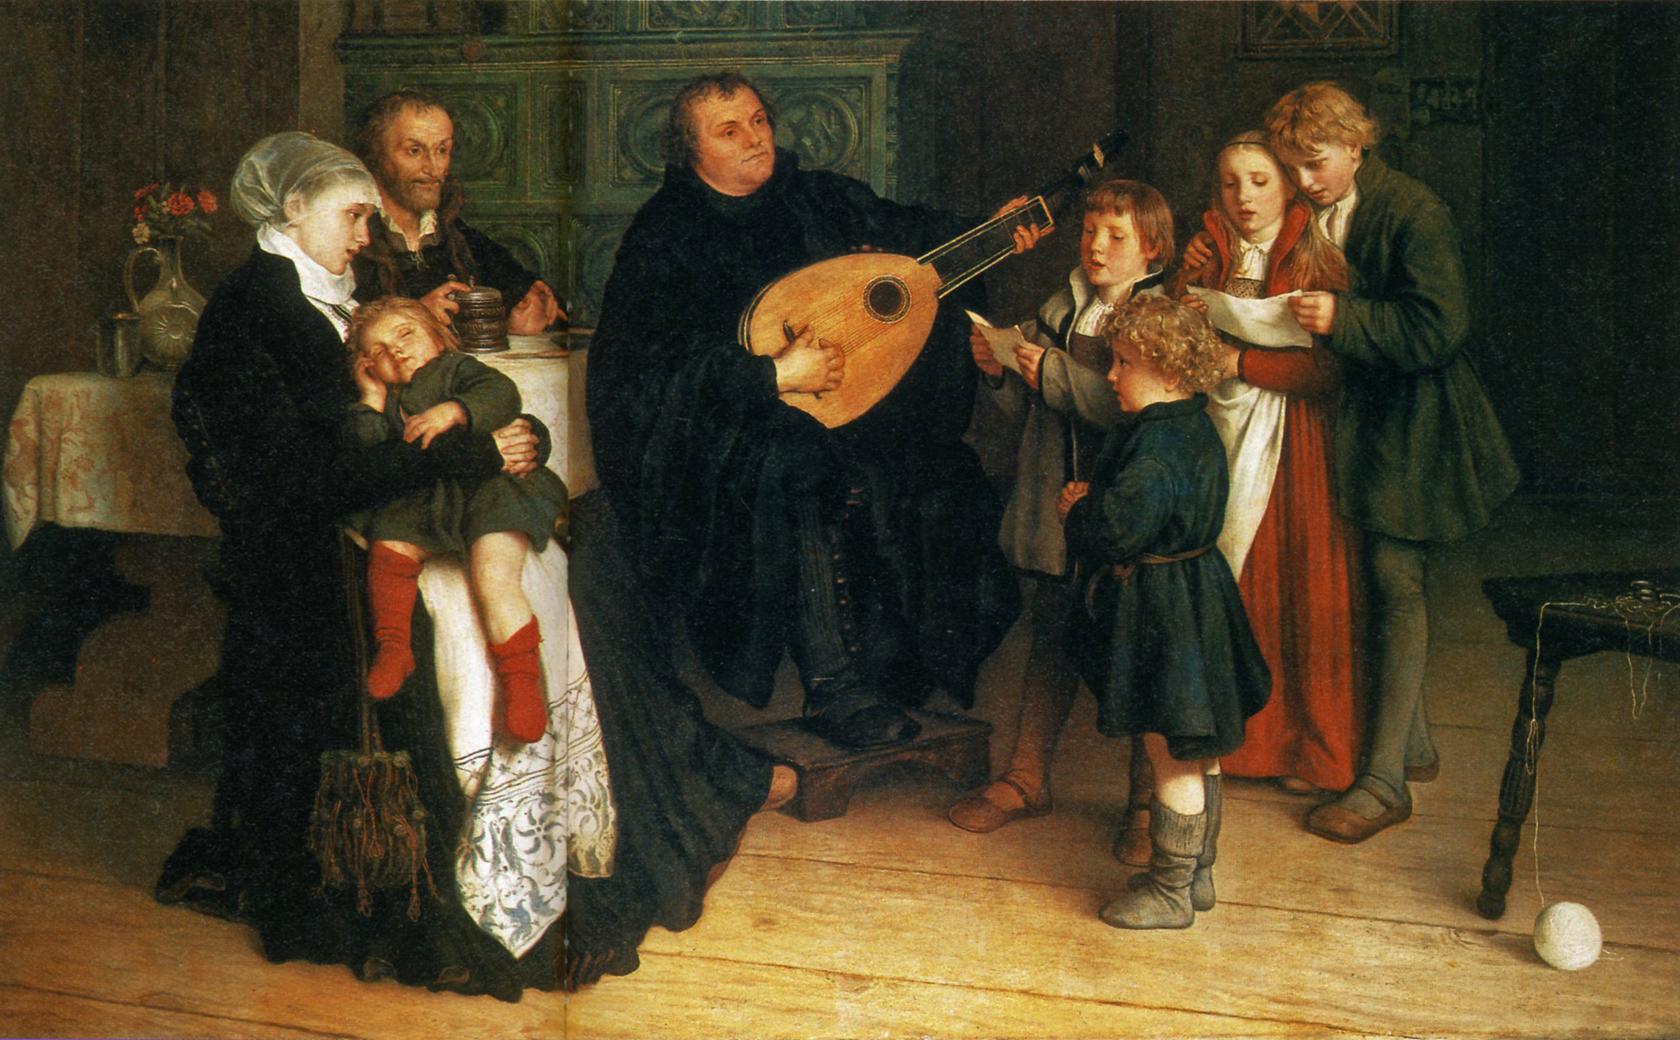 Bildresultat för Gustav Spangenberg Martin Luther